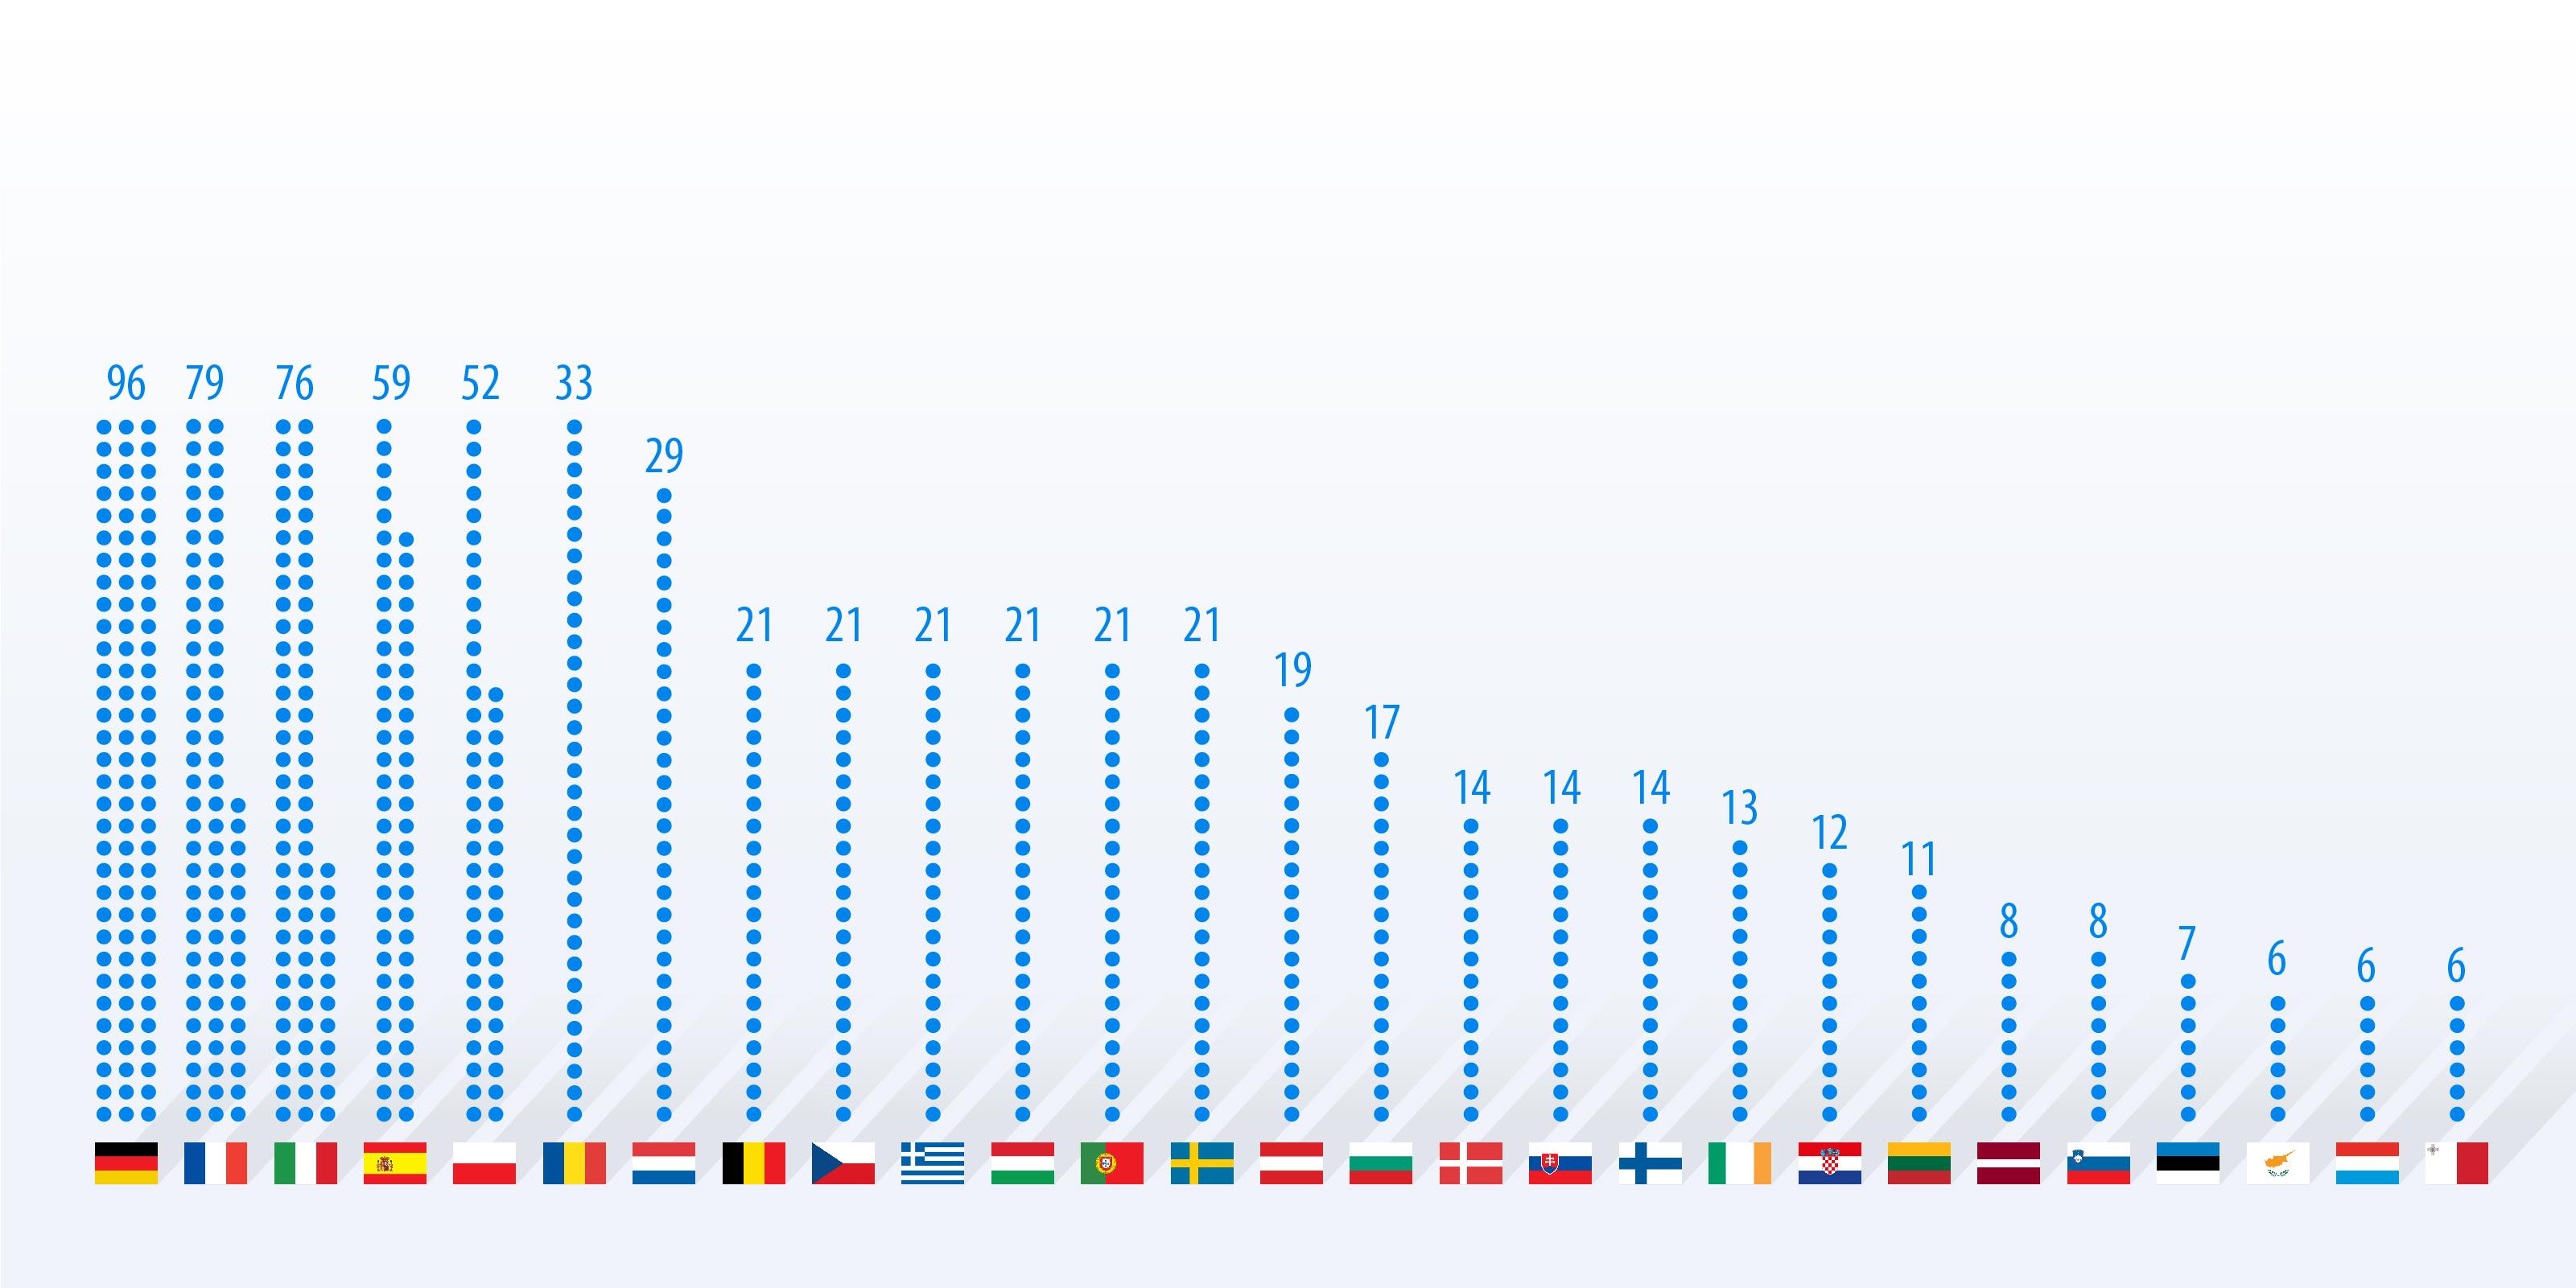 wieviel eu länder gibt es